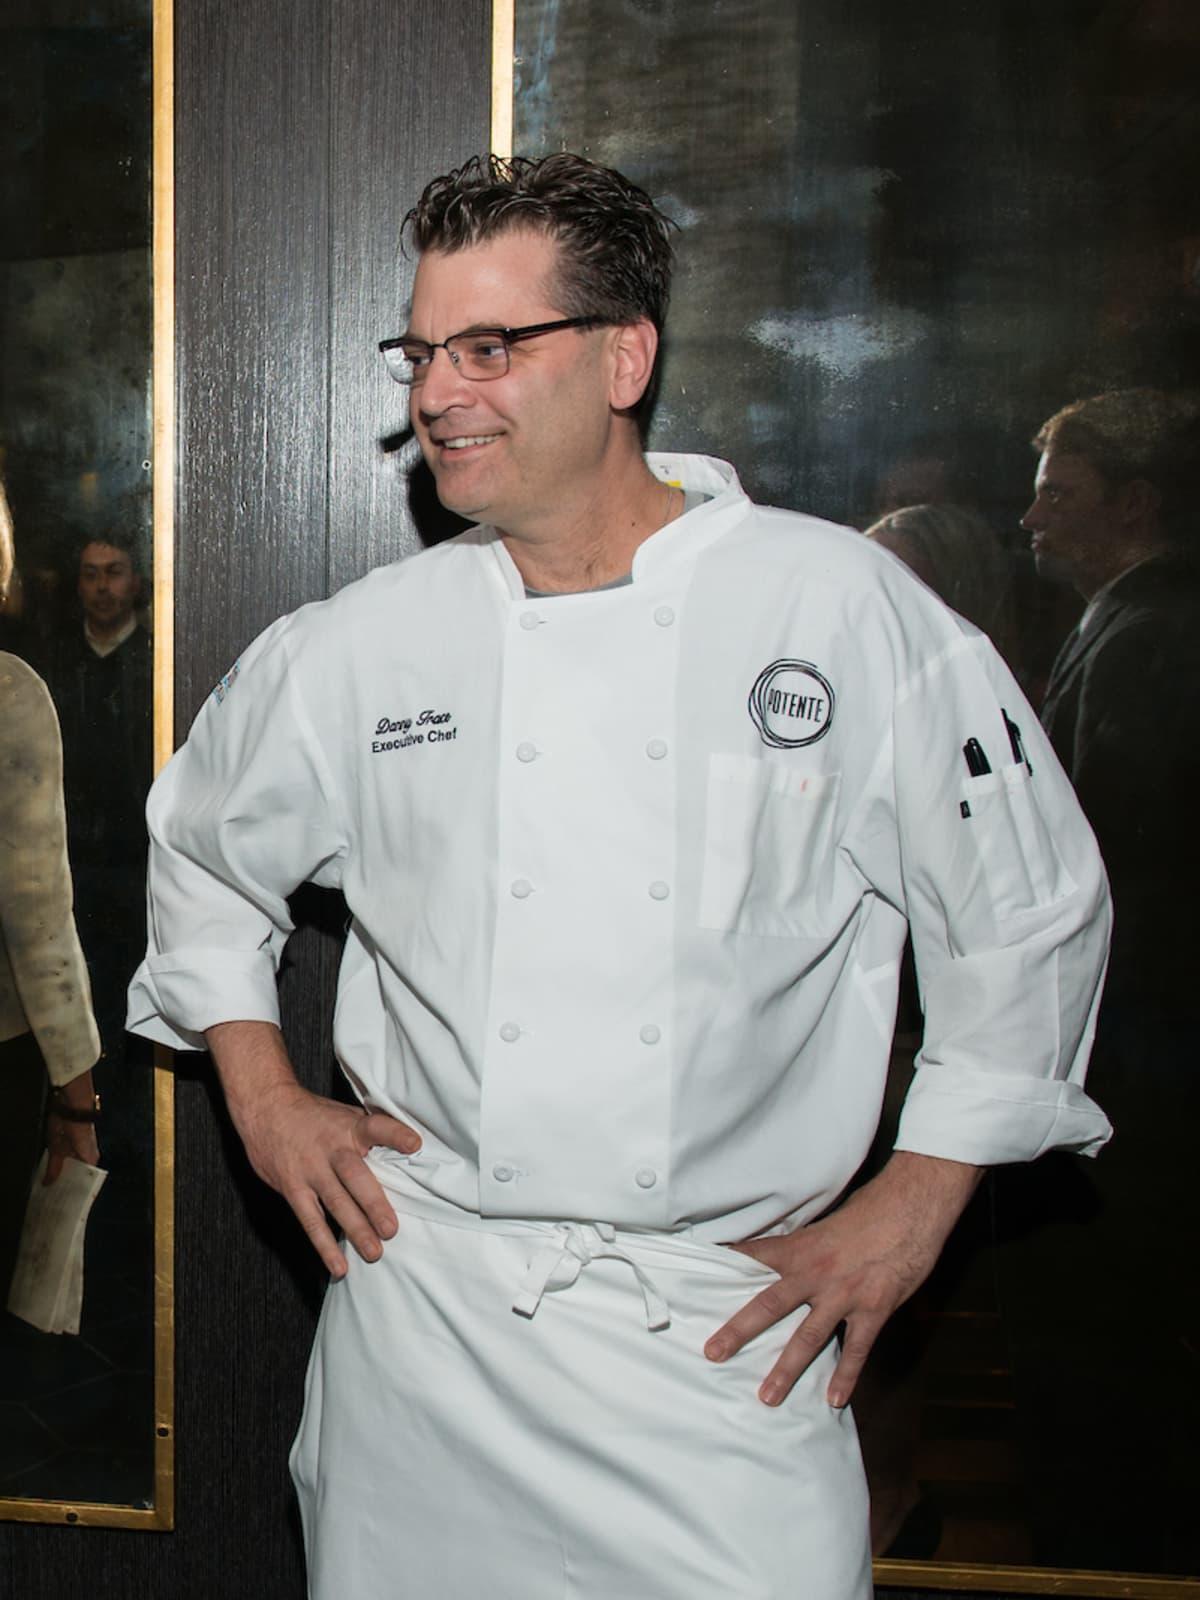 Potente chef Danny Trace